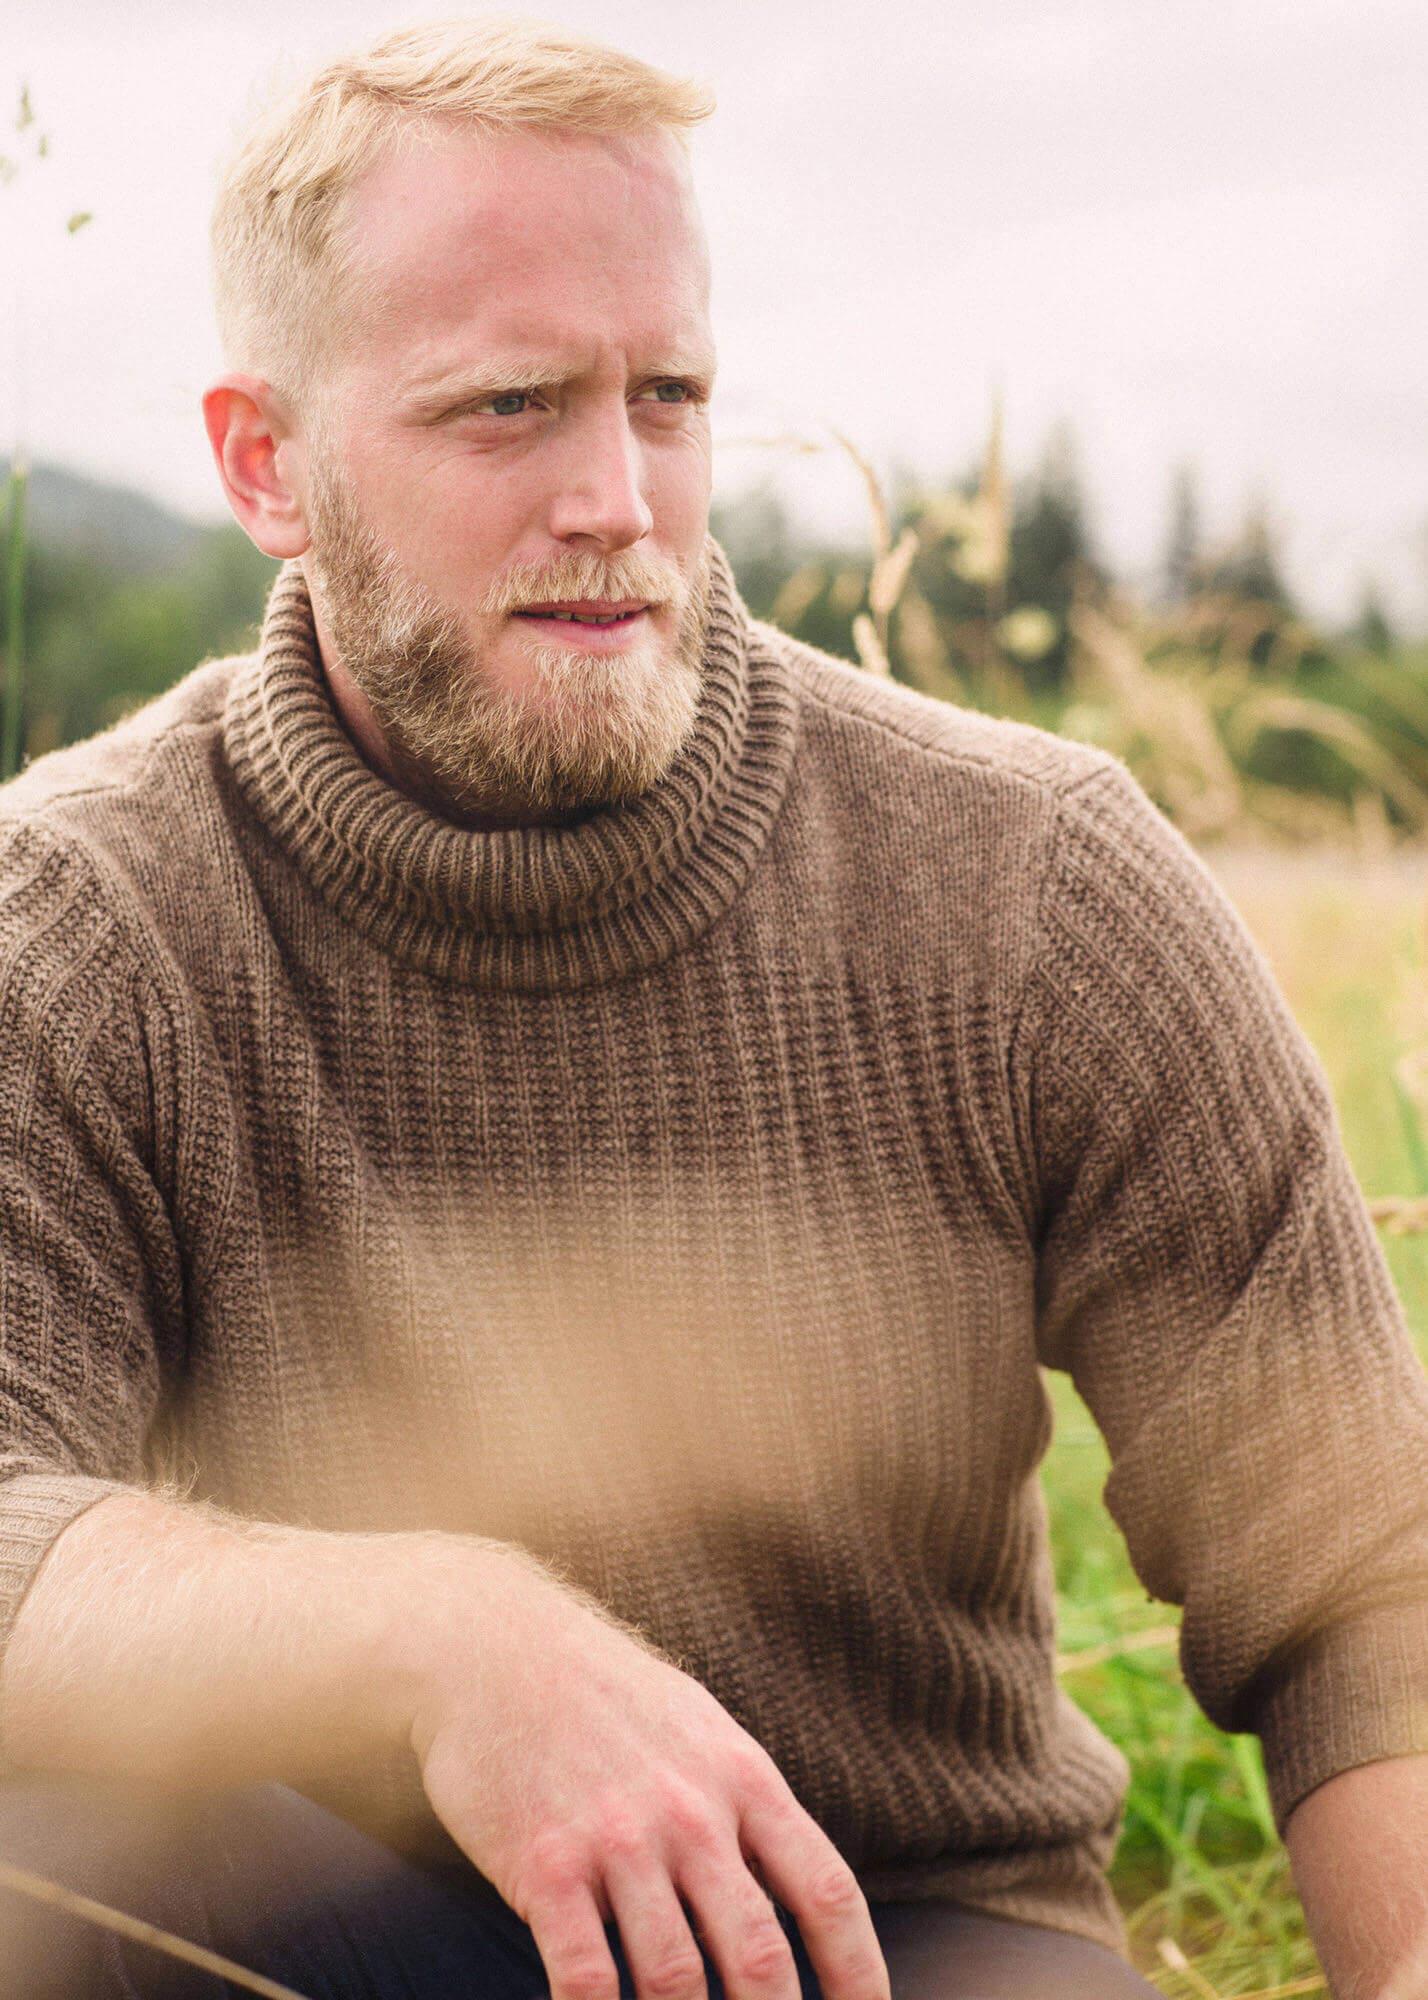 Man in sweater in grassy field